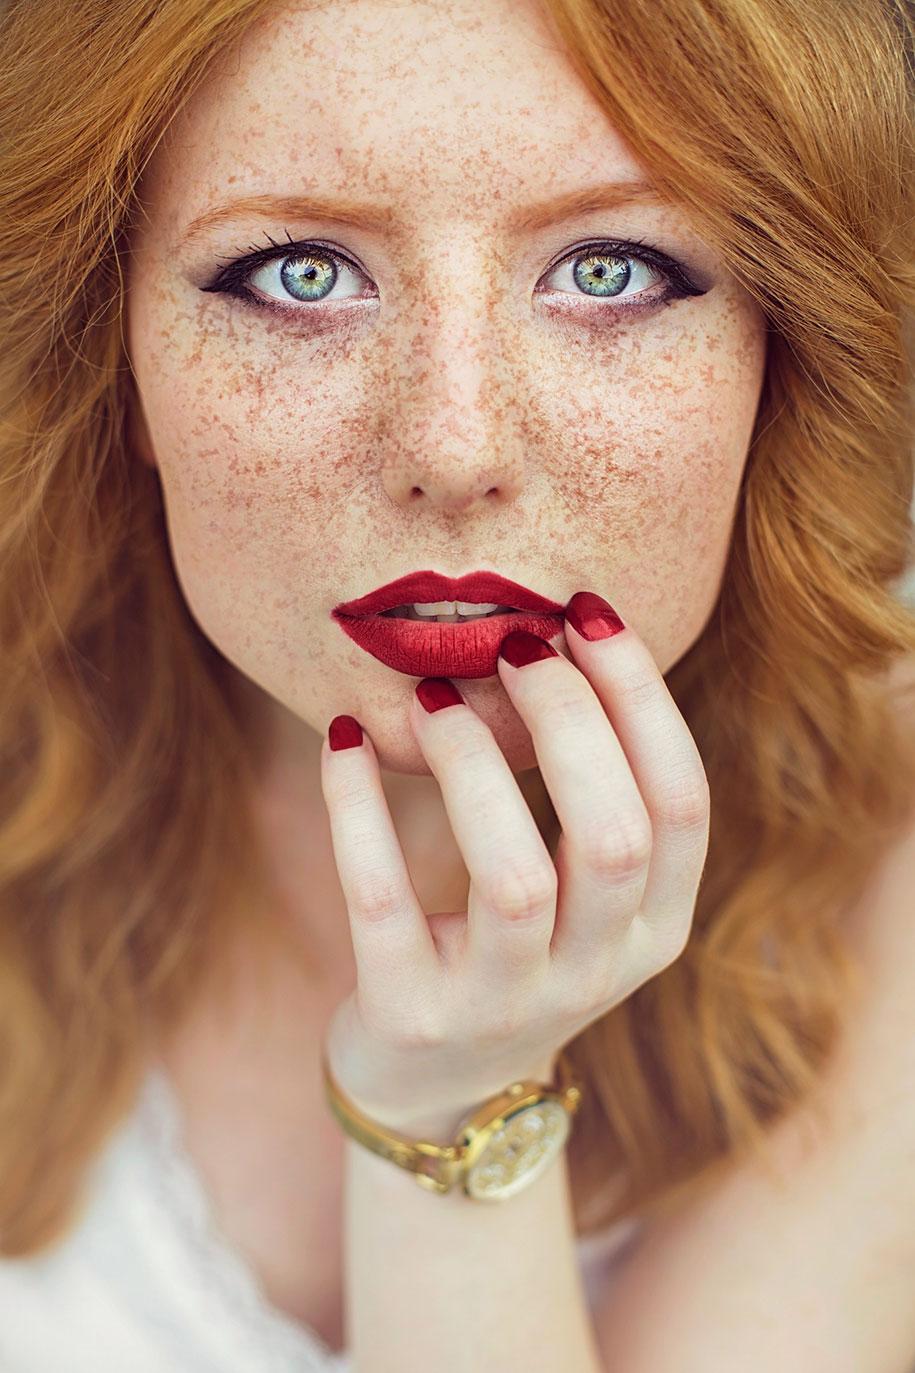 foto-ragazze-capelli-rossi-lentiggini-fiori-maja-topcagic-03